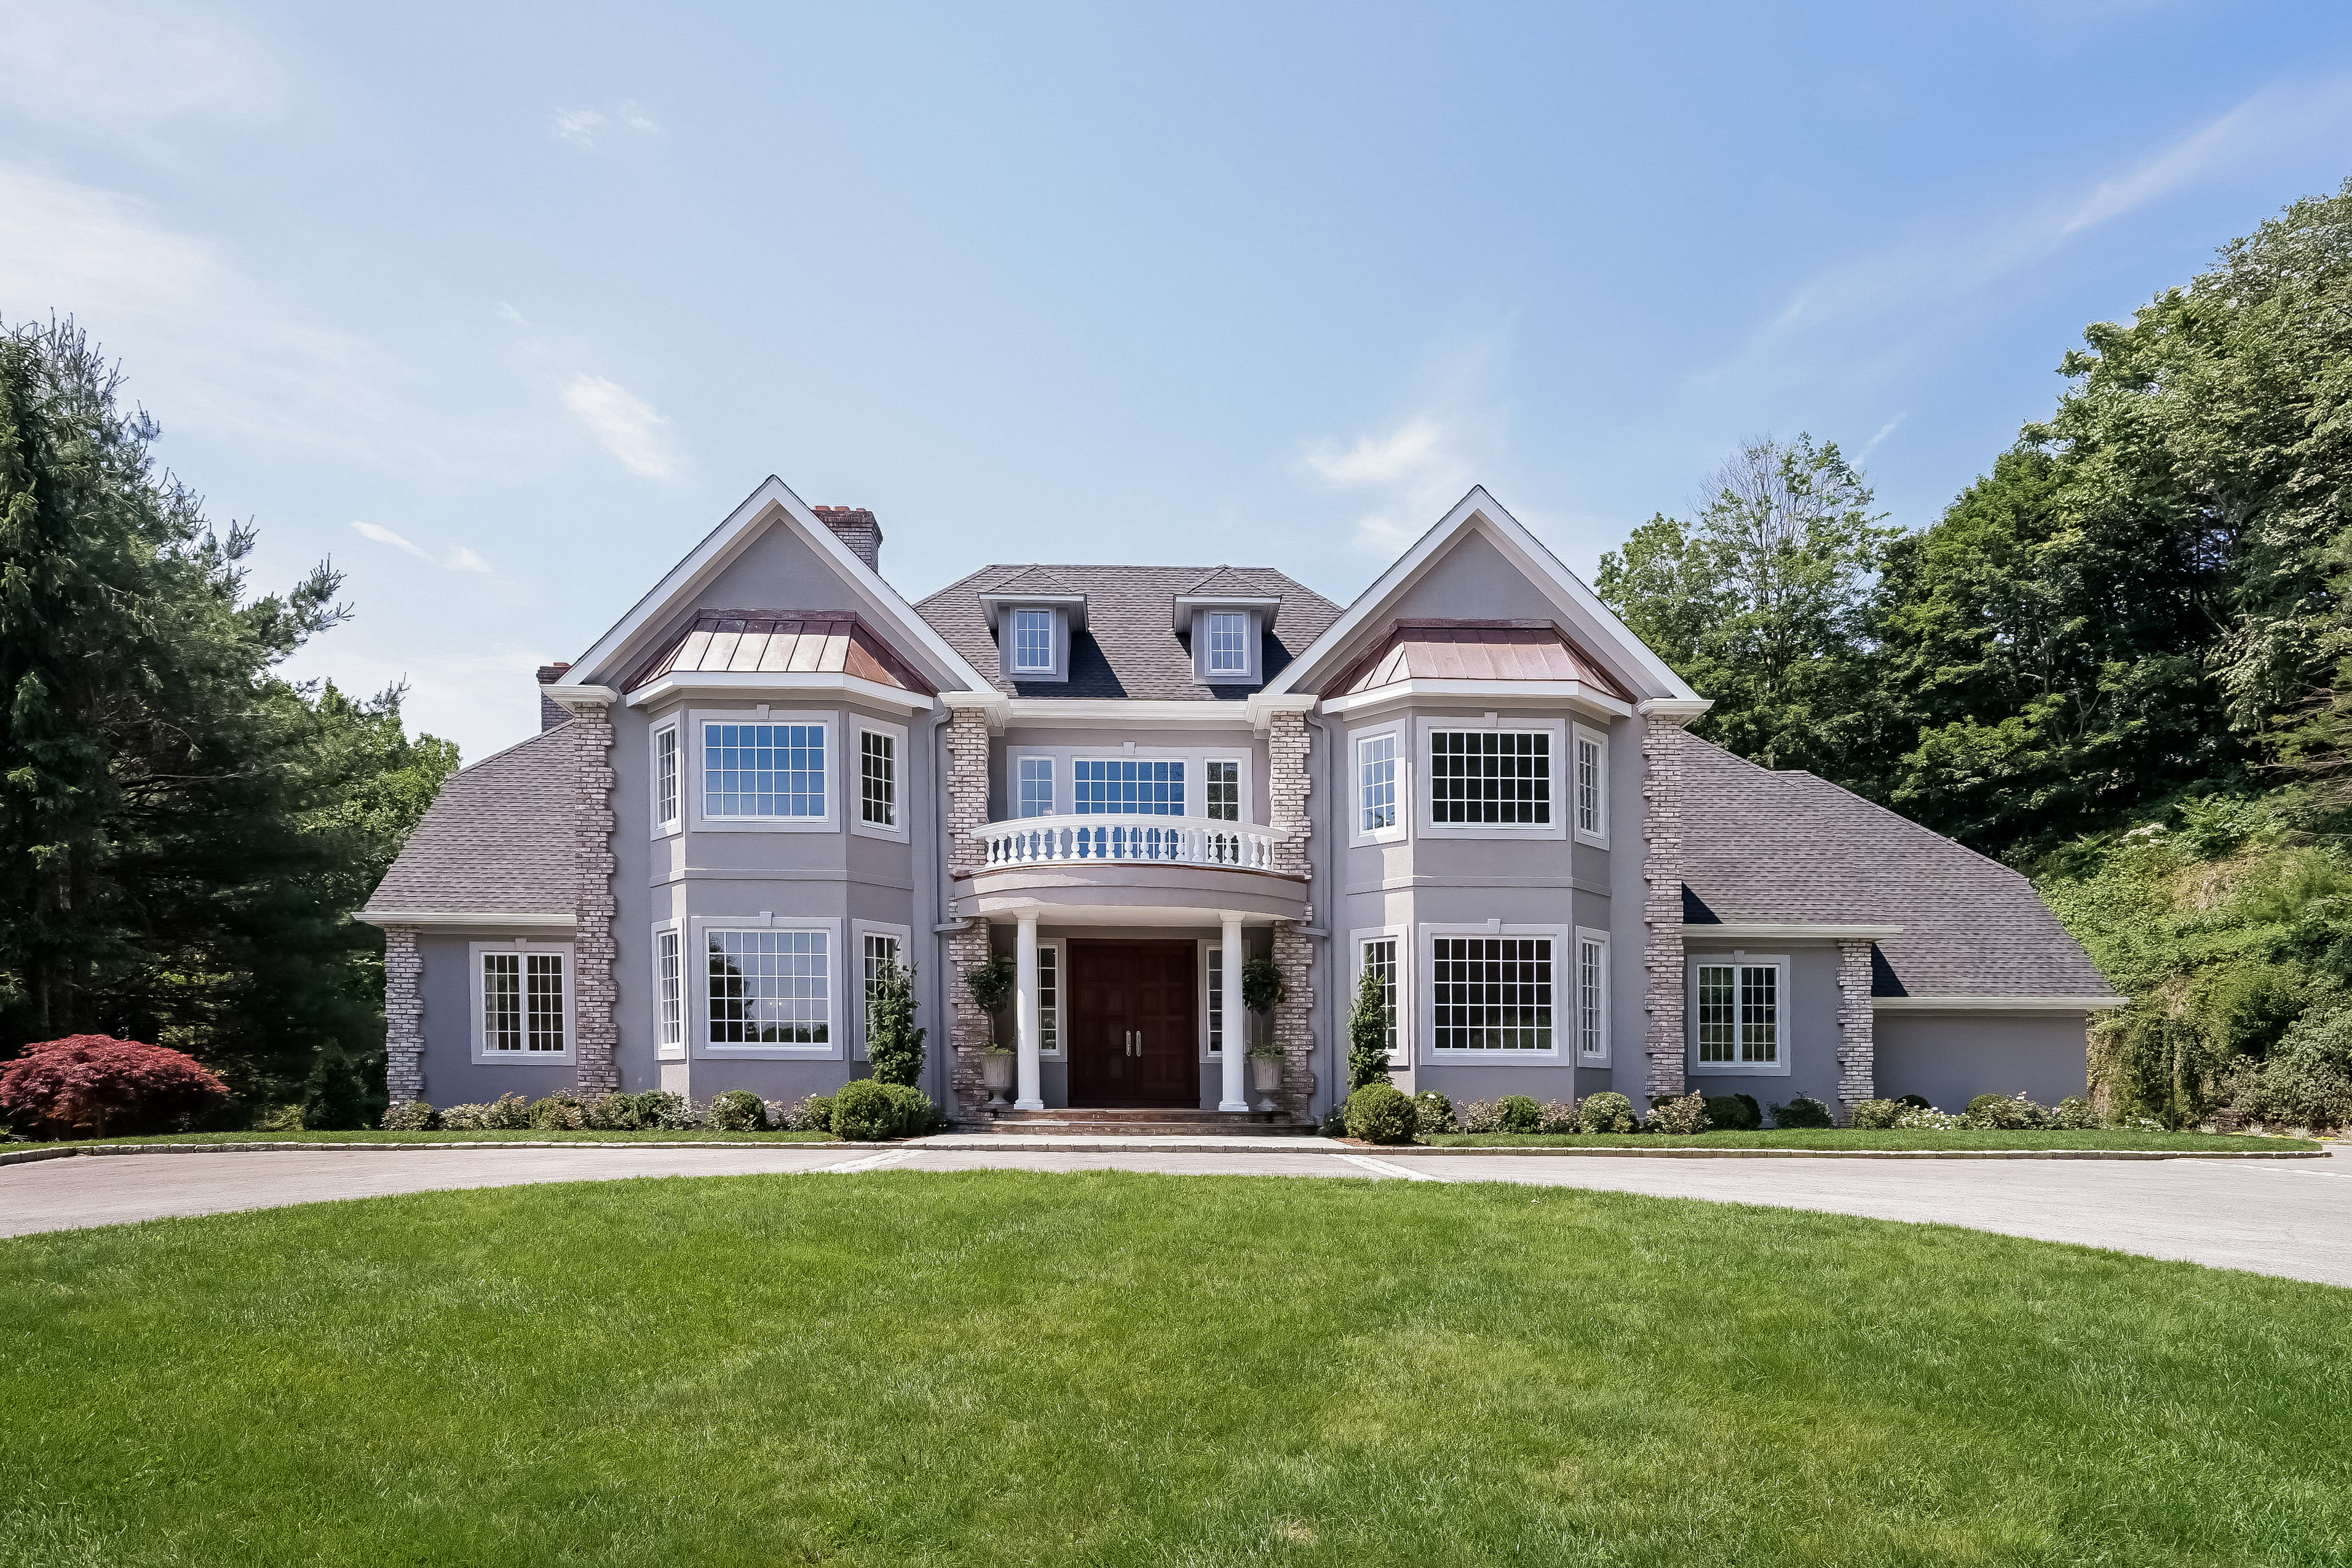 独户住宅 为 销售 在 10 Puritan Woods Road 拉伊, 纽约州, 10580 美国